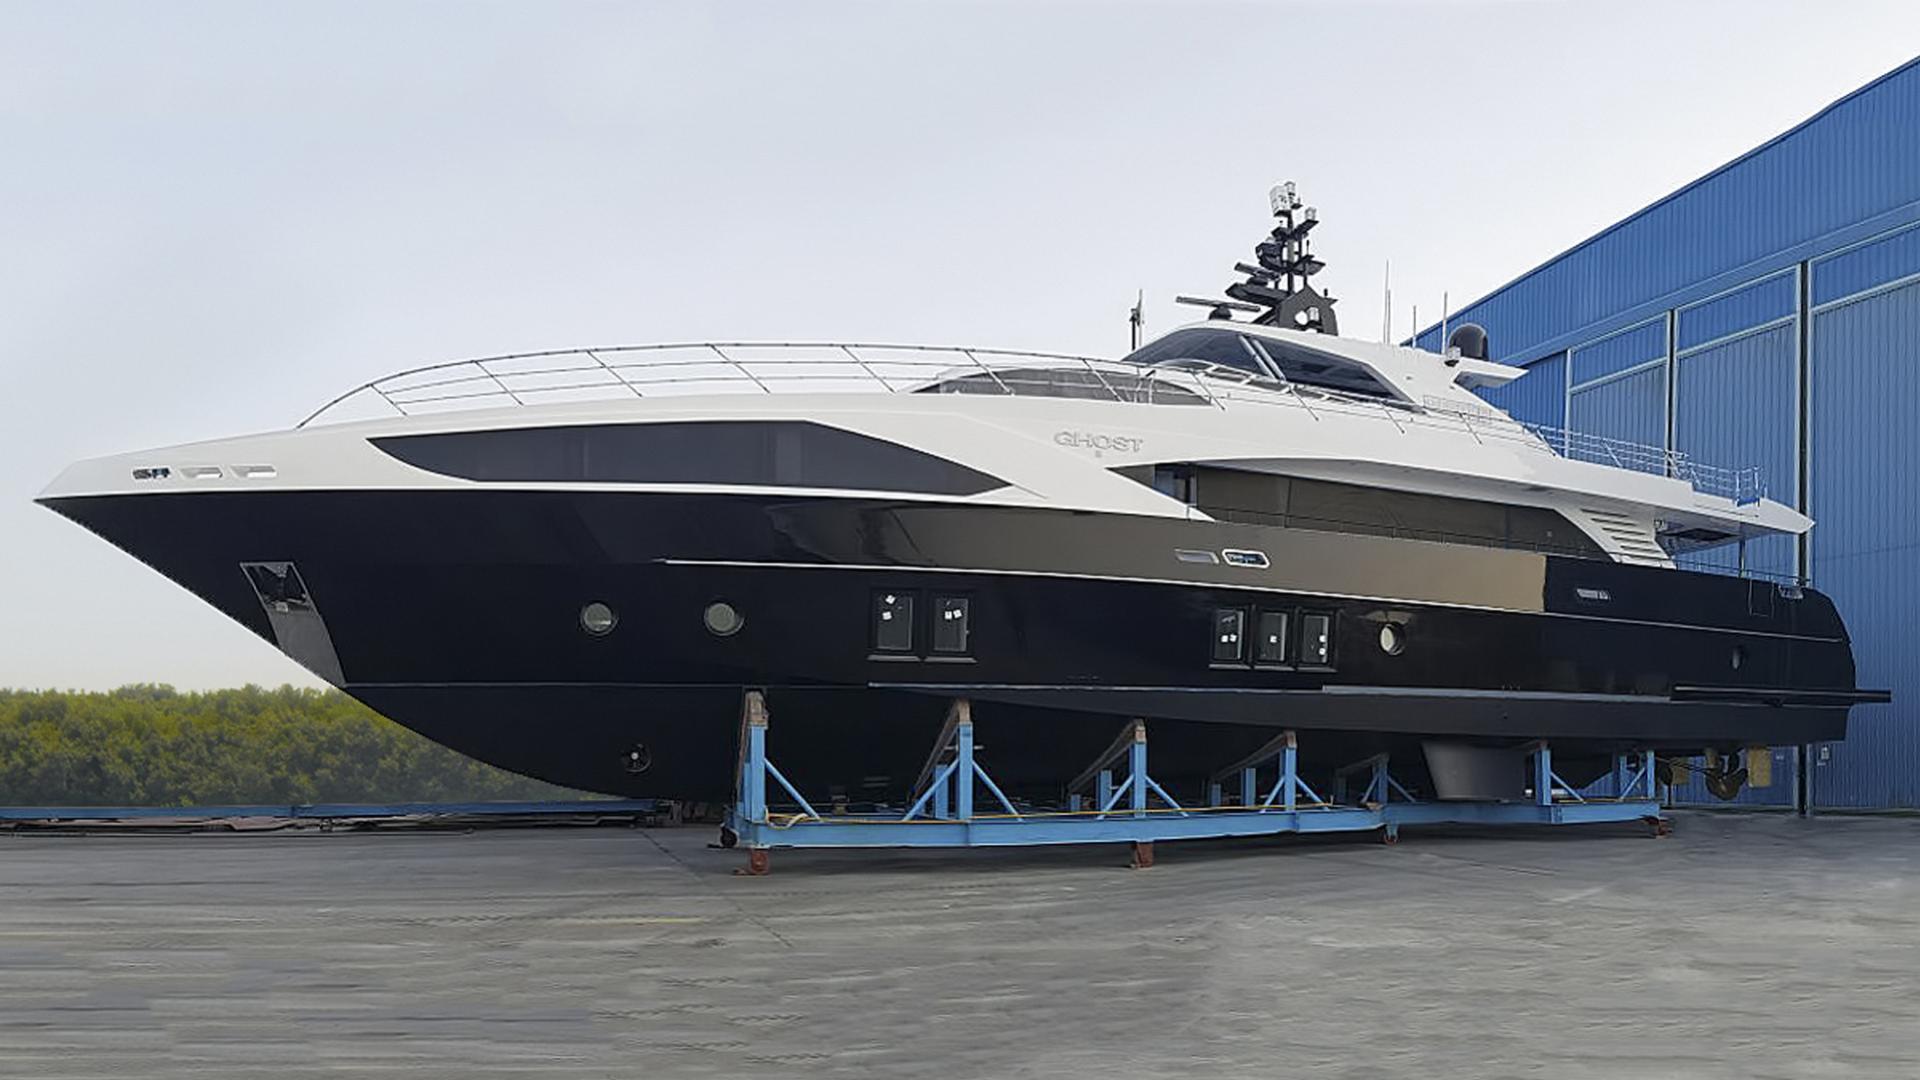 ghost ii motoryacht gulf craft majesty 122 2016 38m profile launch